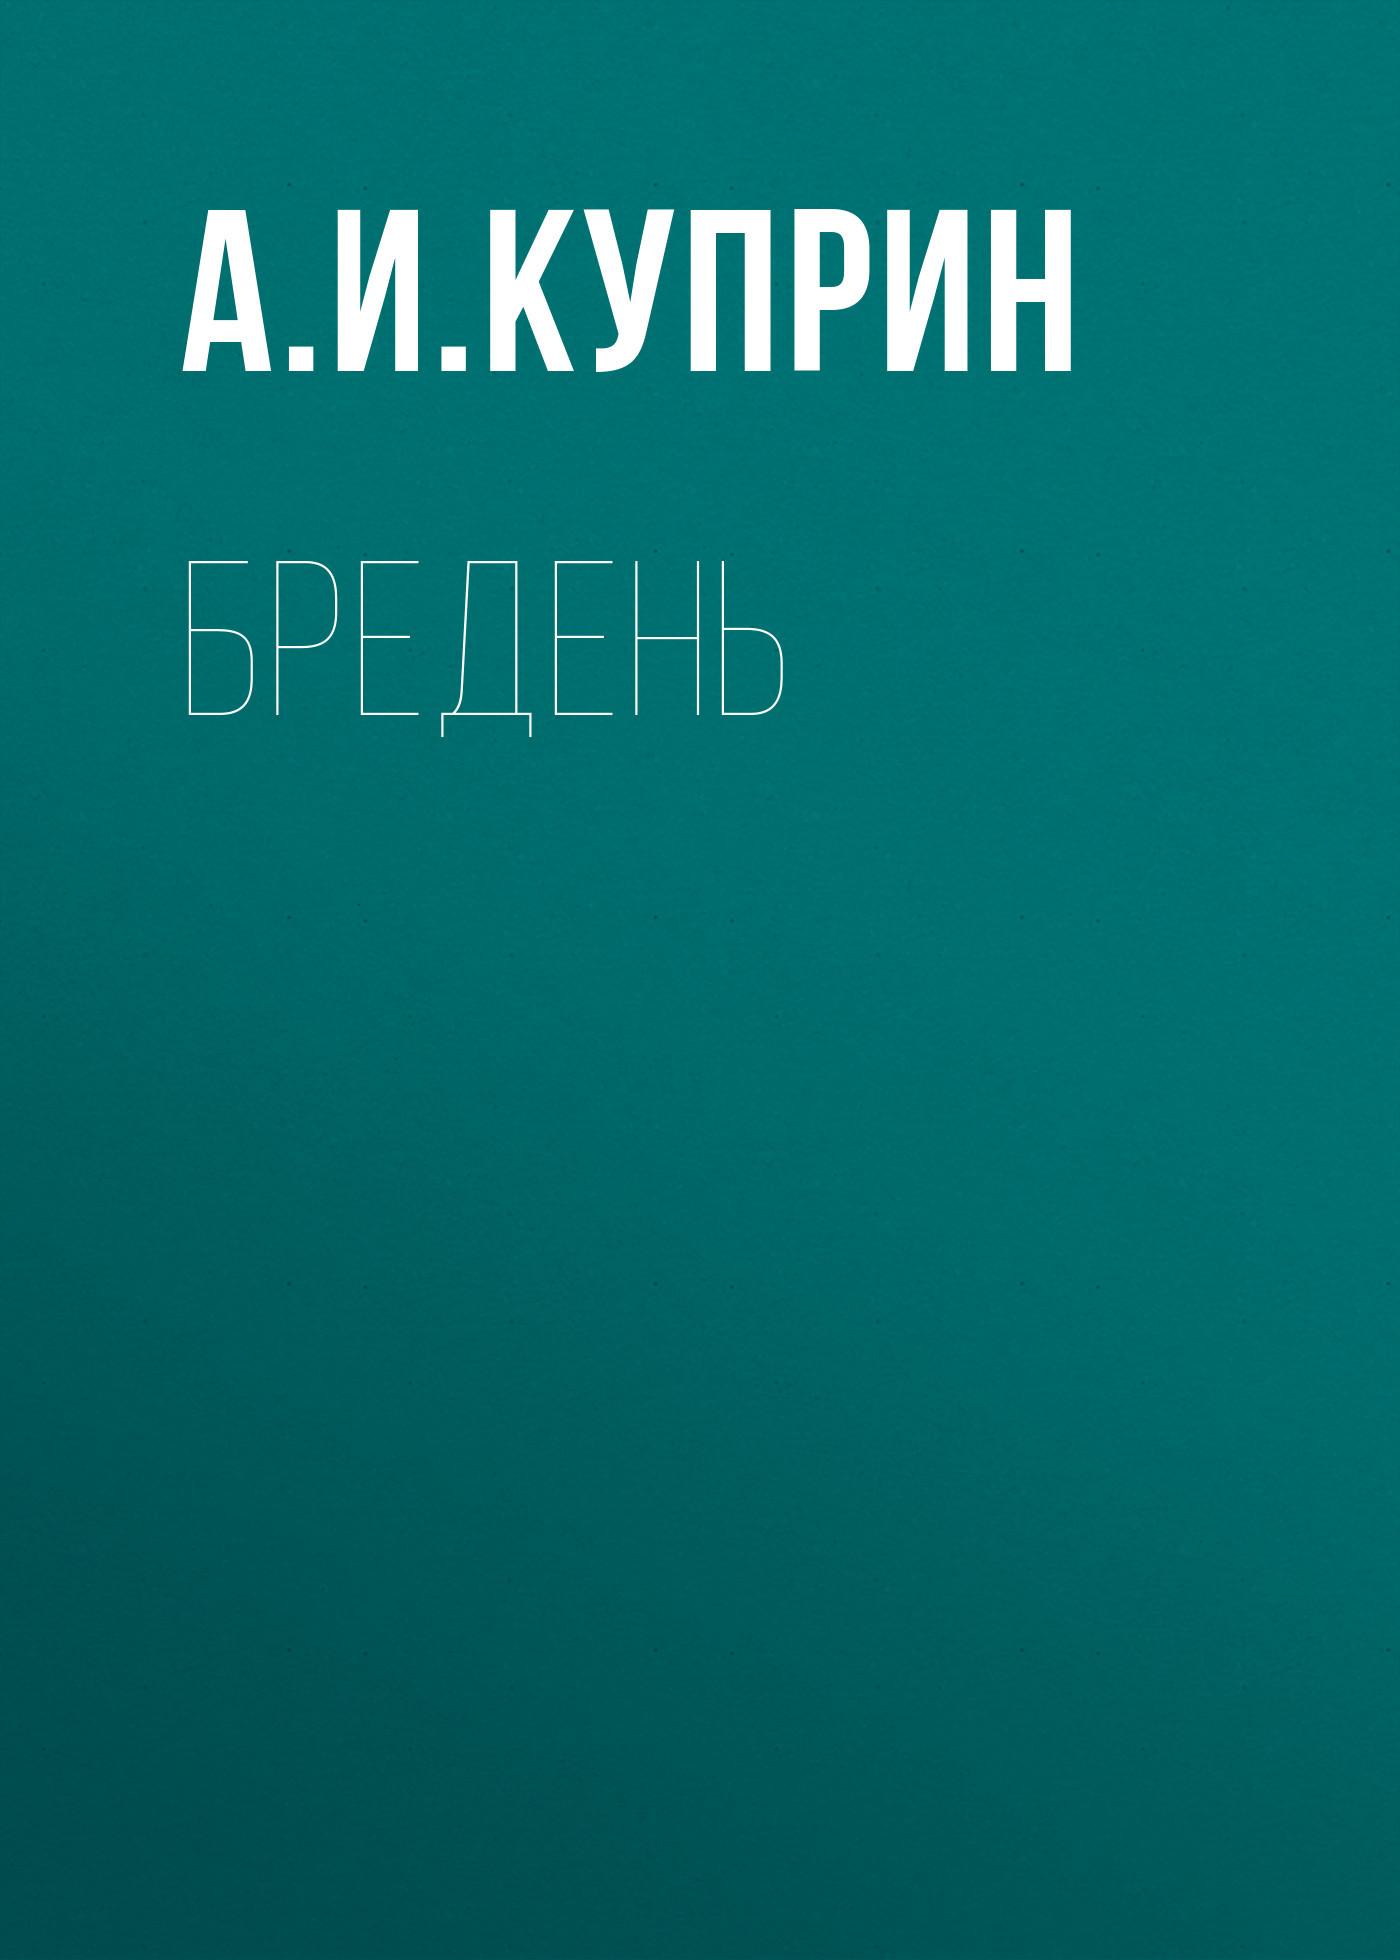 А. И. Куприн. Бредень